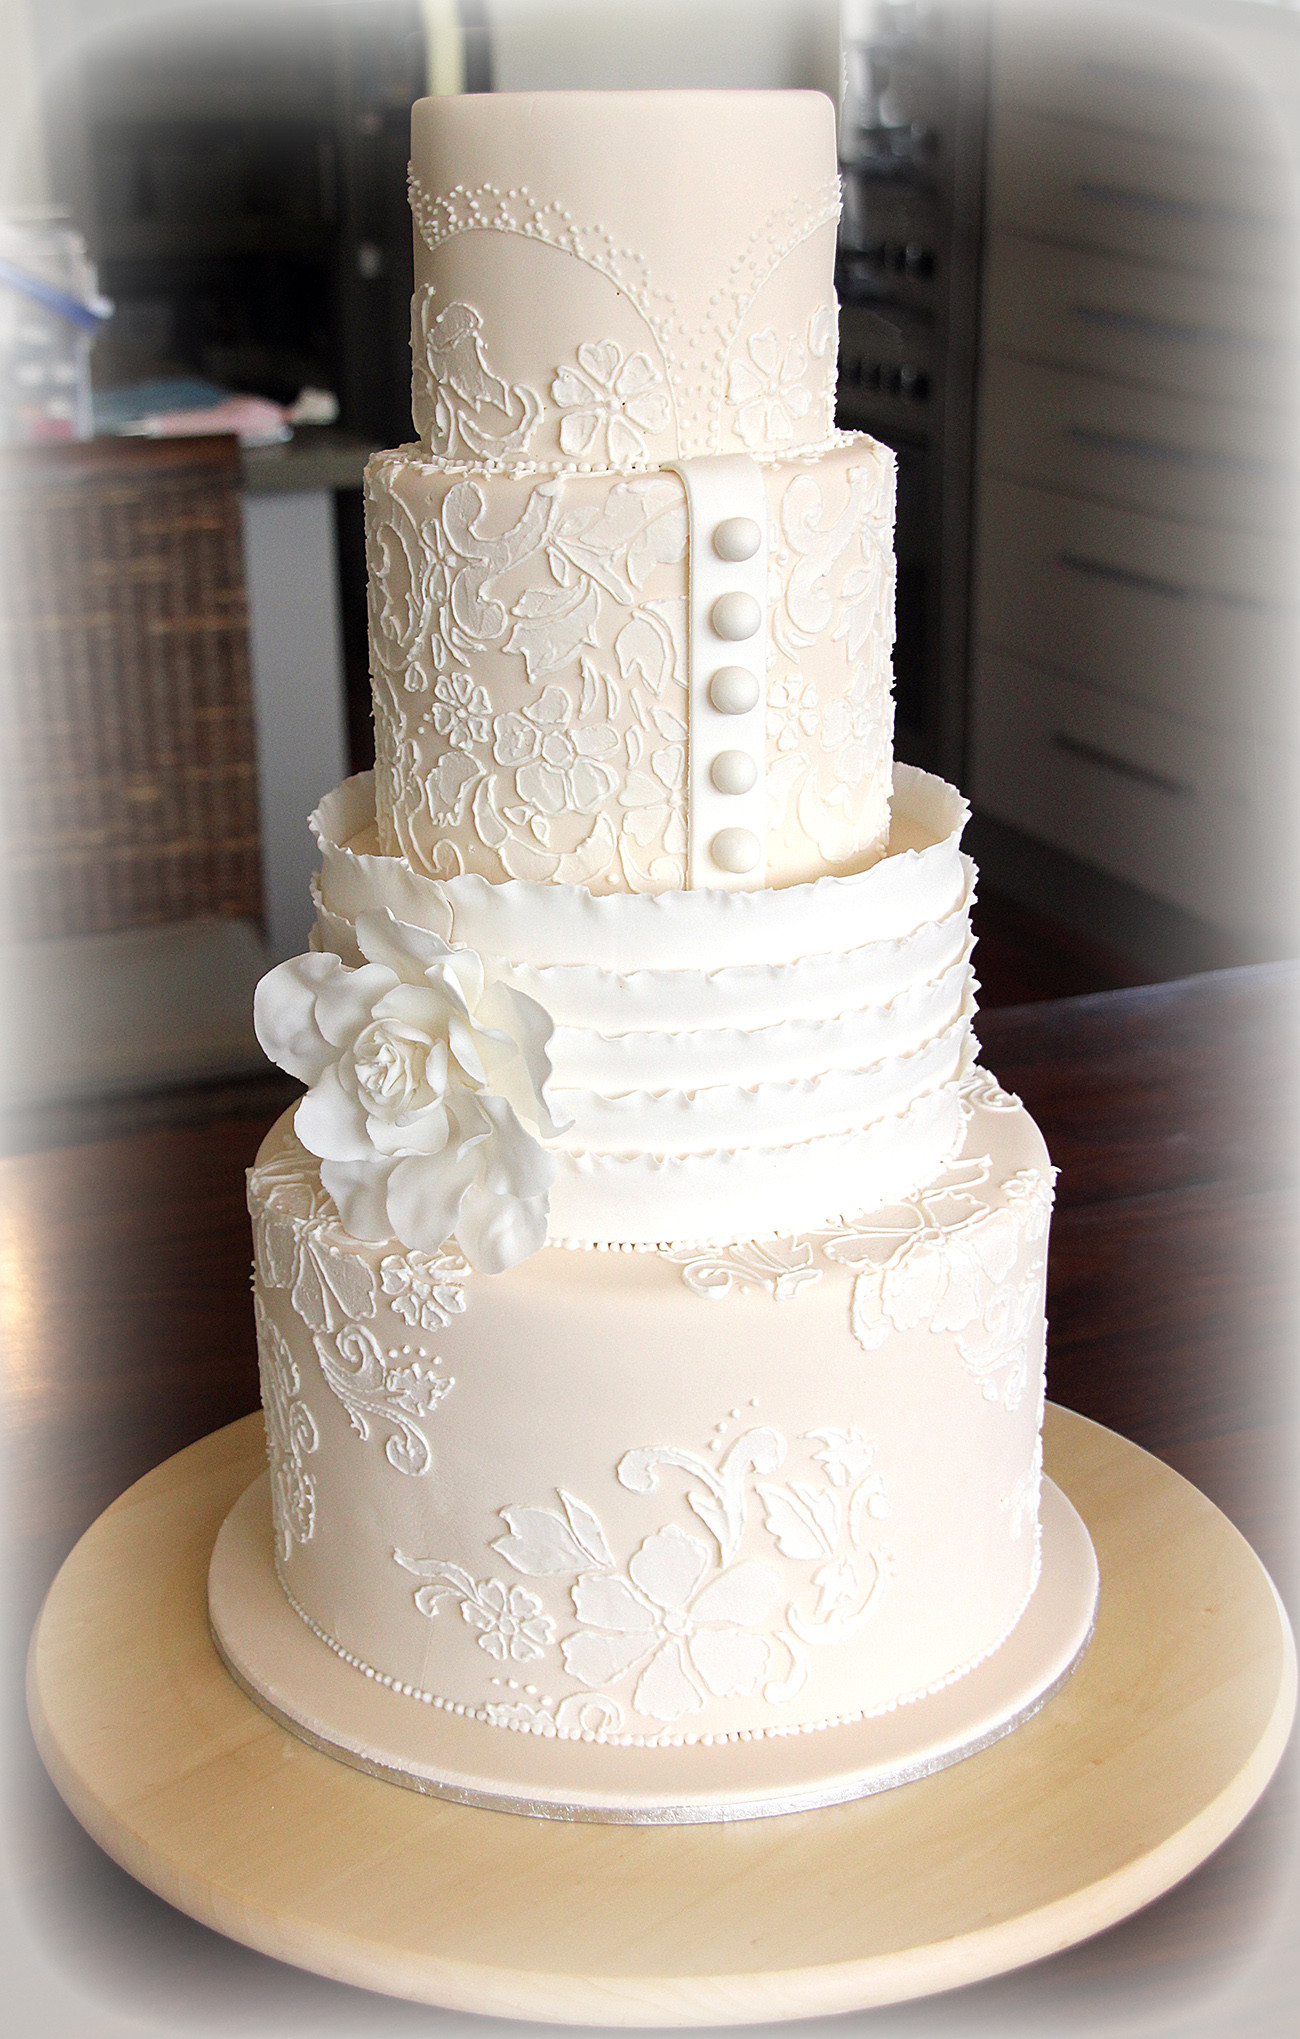 Lace Wedding Cakes  Lace Wedding Cake Tutorial – cakes